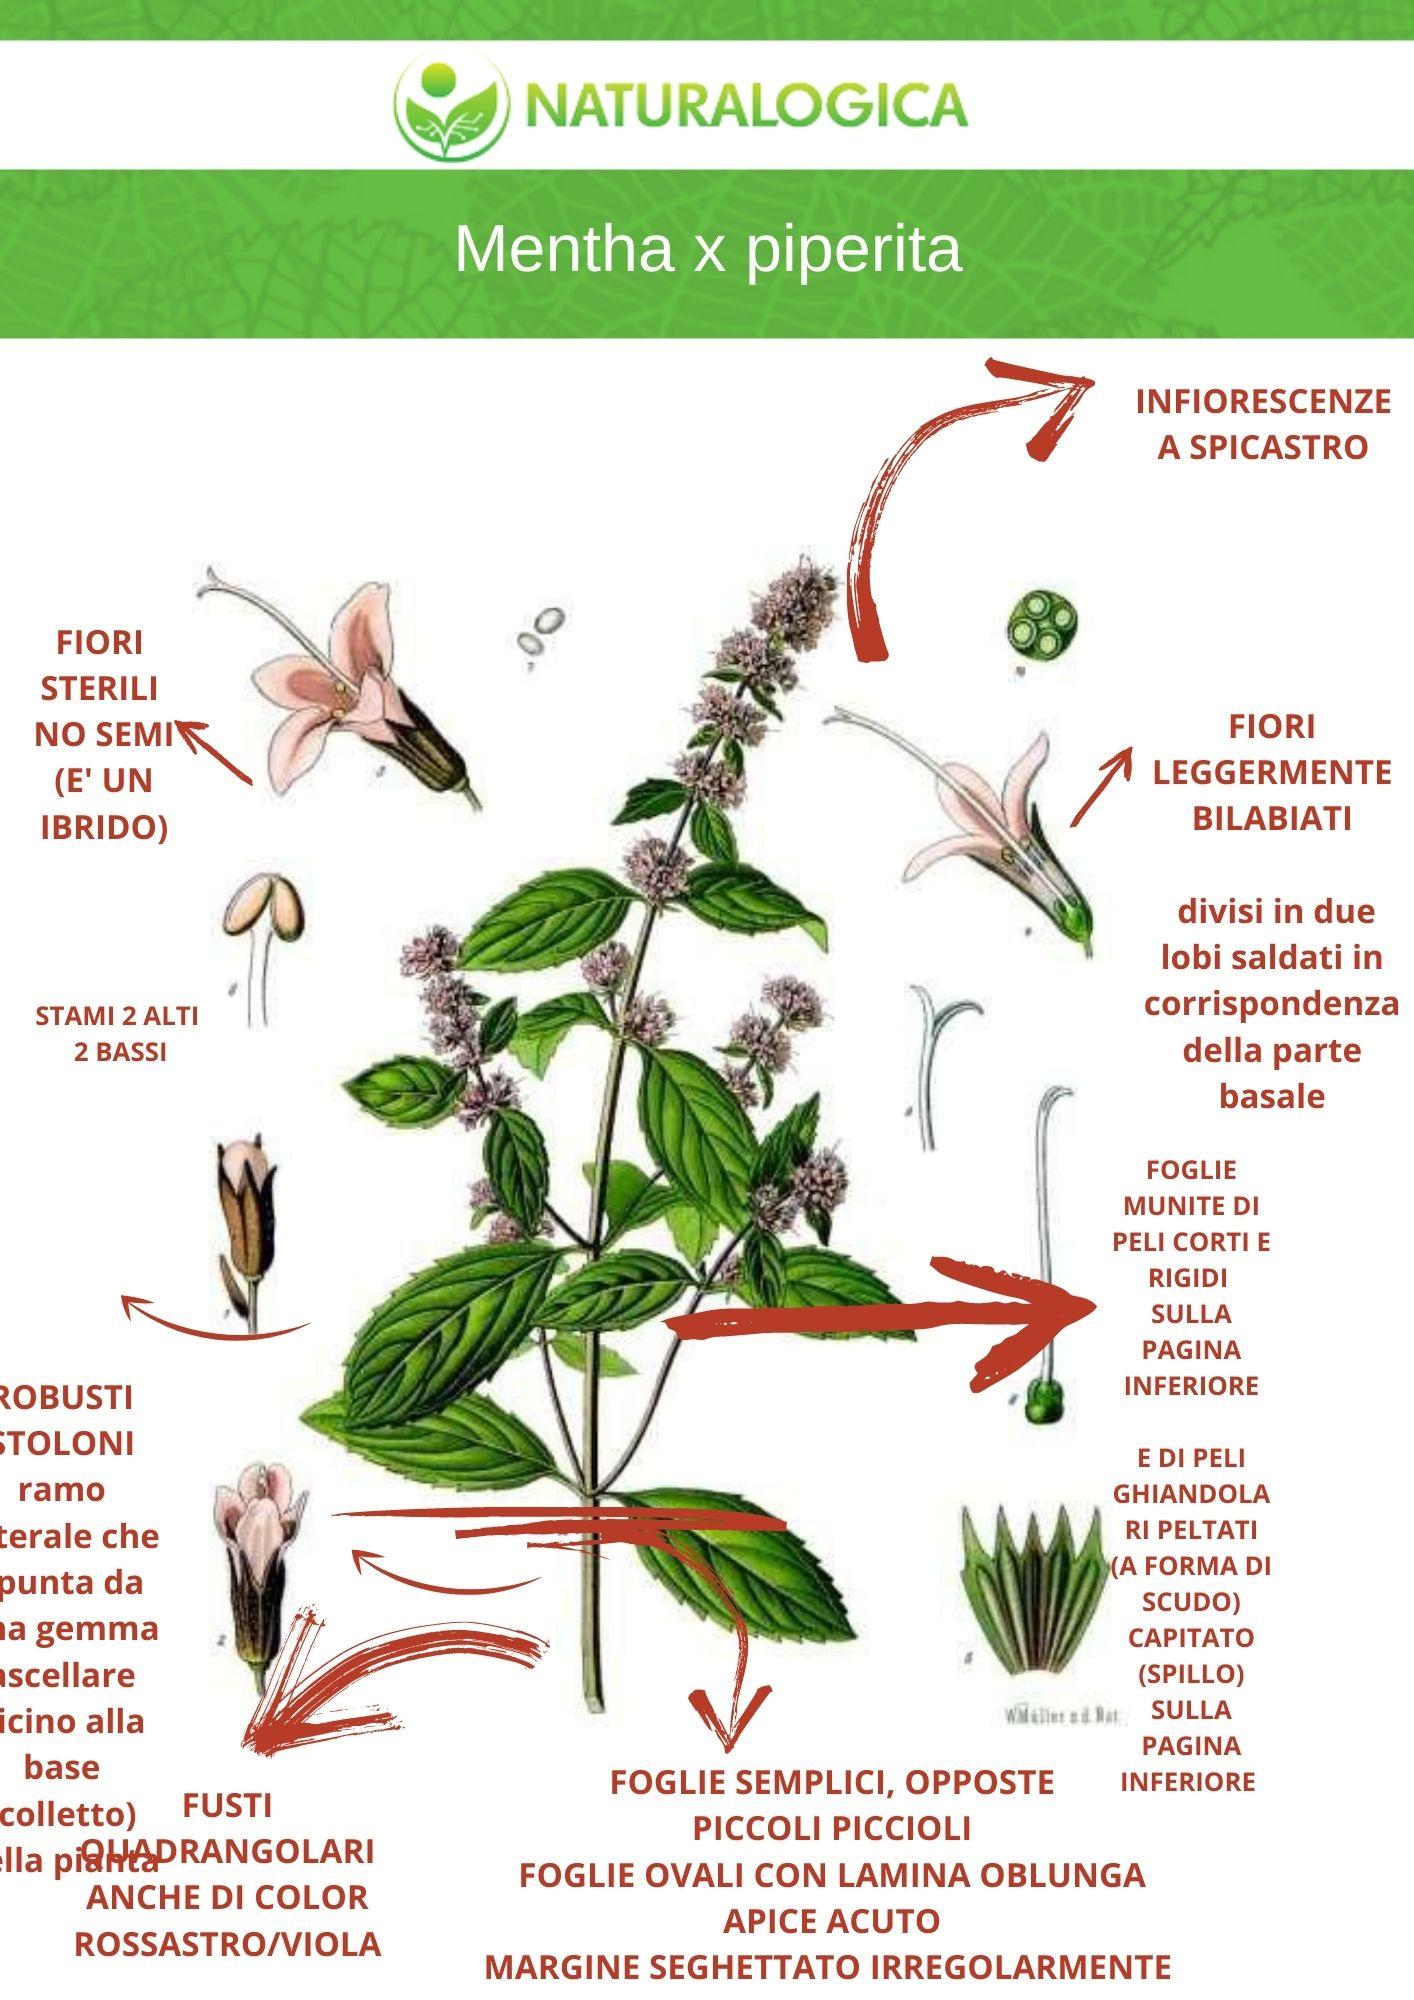 scheda botanica proprietà menta